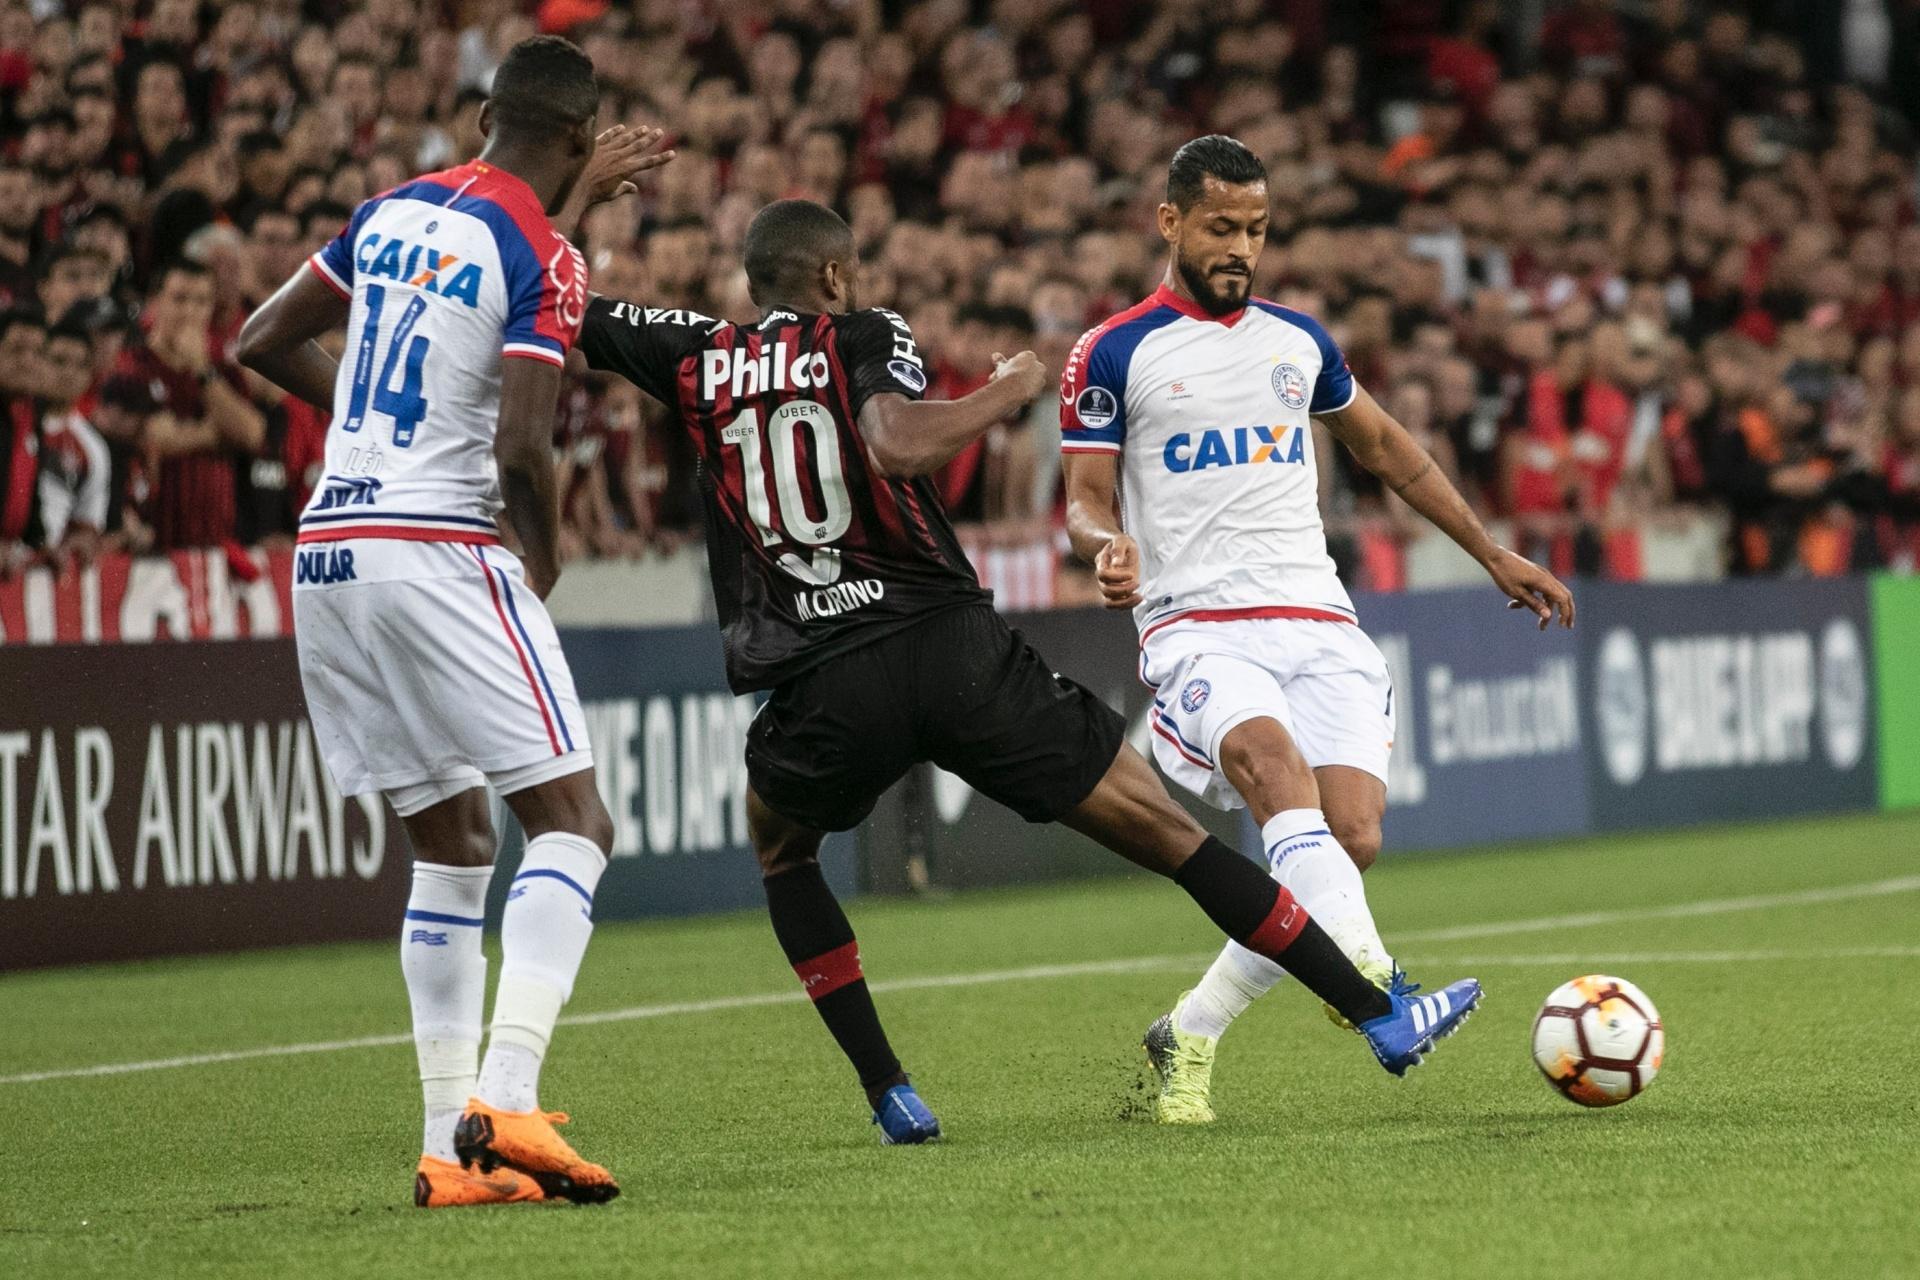 Atlético-PR bate Bahia nos pênaltis e pega Flu na semi da Sul-Americana -  31 10 2018 - UOL Esporte 82ff065908c99